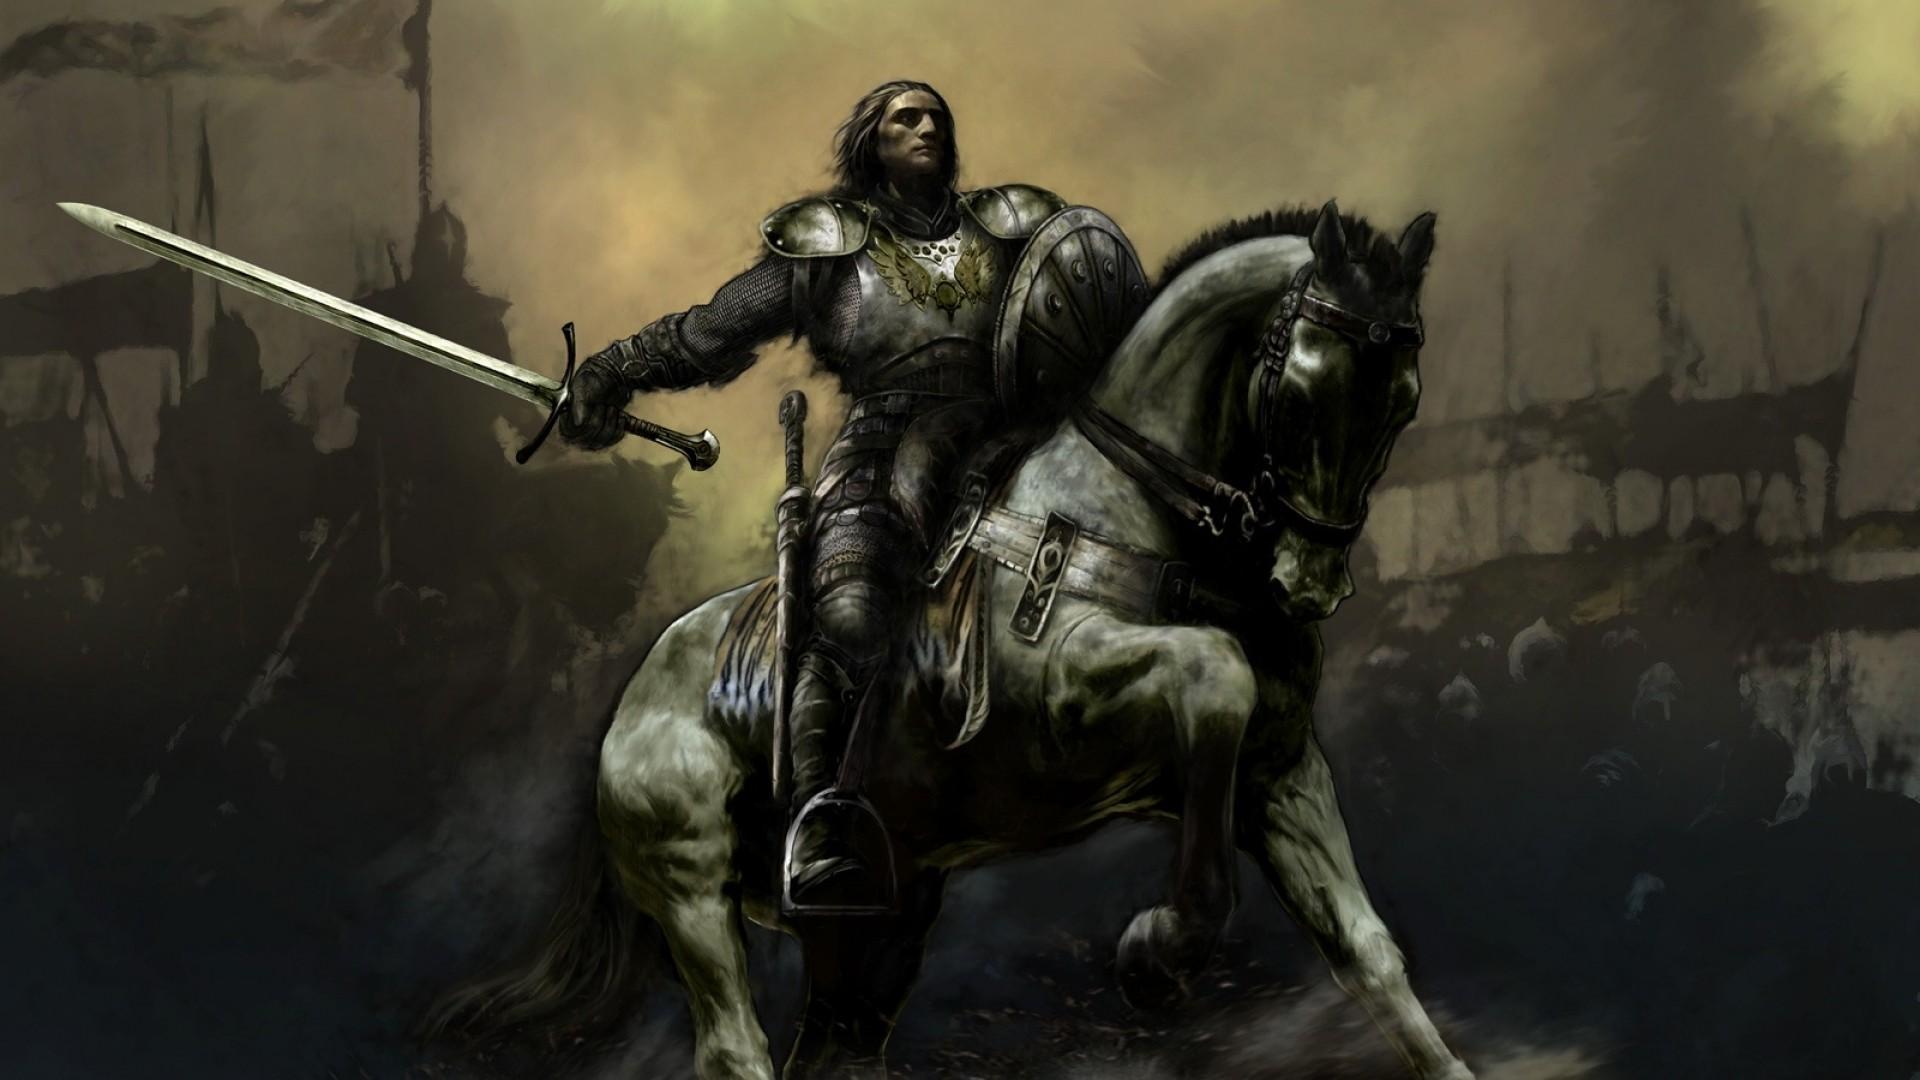 Knights Warriors Wallpaper 1920x1080 Knights Warriors Medieval 1920x1080